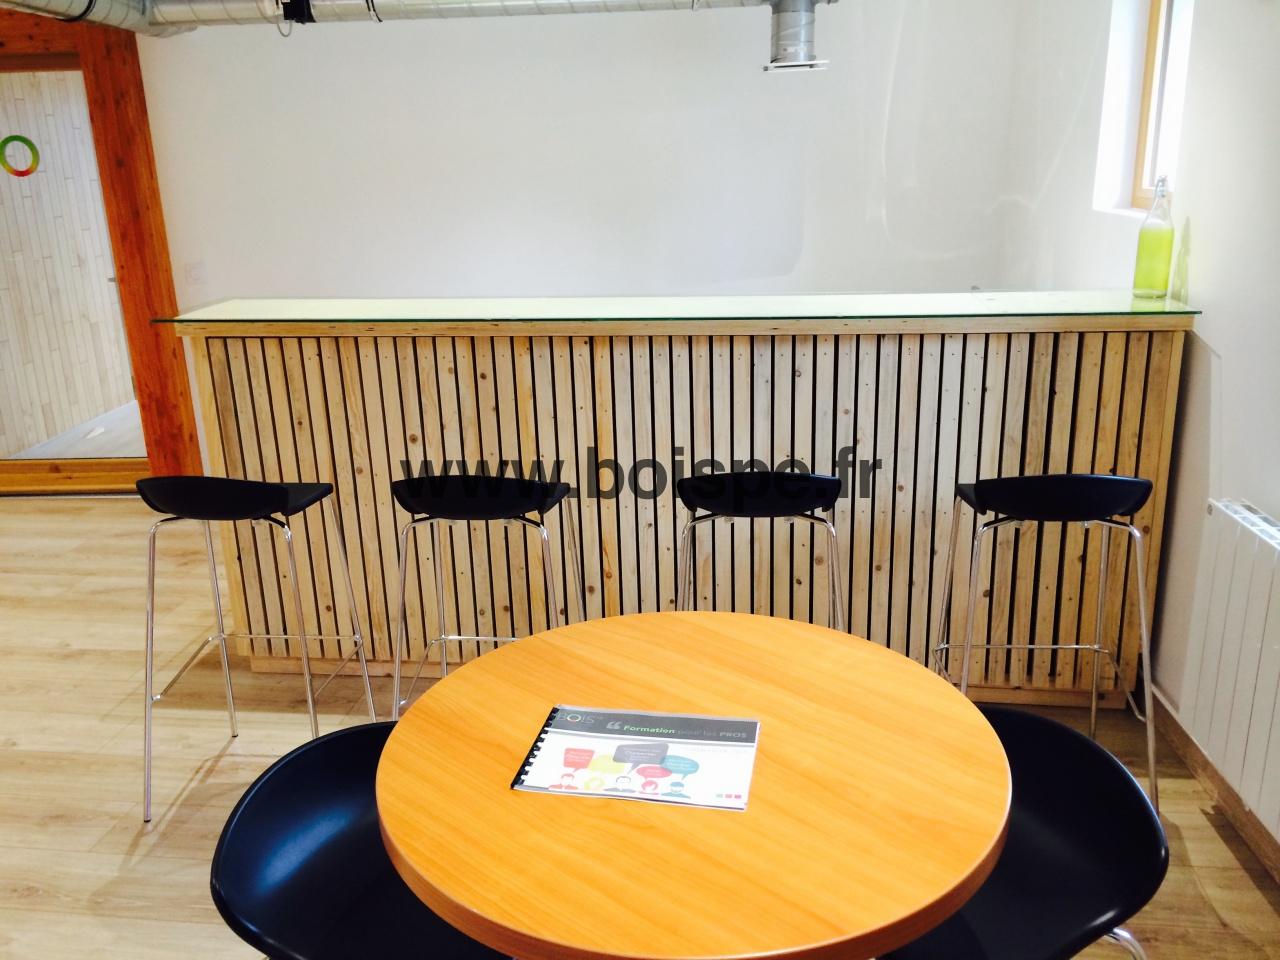 construire un bar en bois cool emouvant desserte a vendre fabriquer un bar en bois de palette. Black Bedroom Furniture Sets. Home Design Ideas